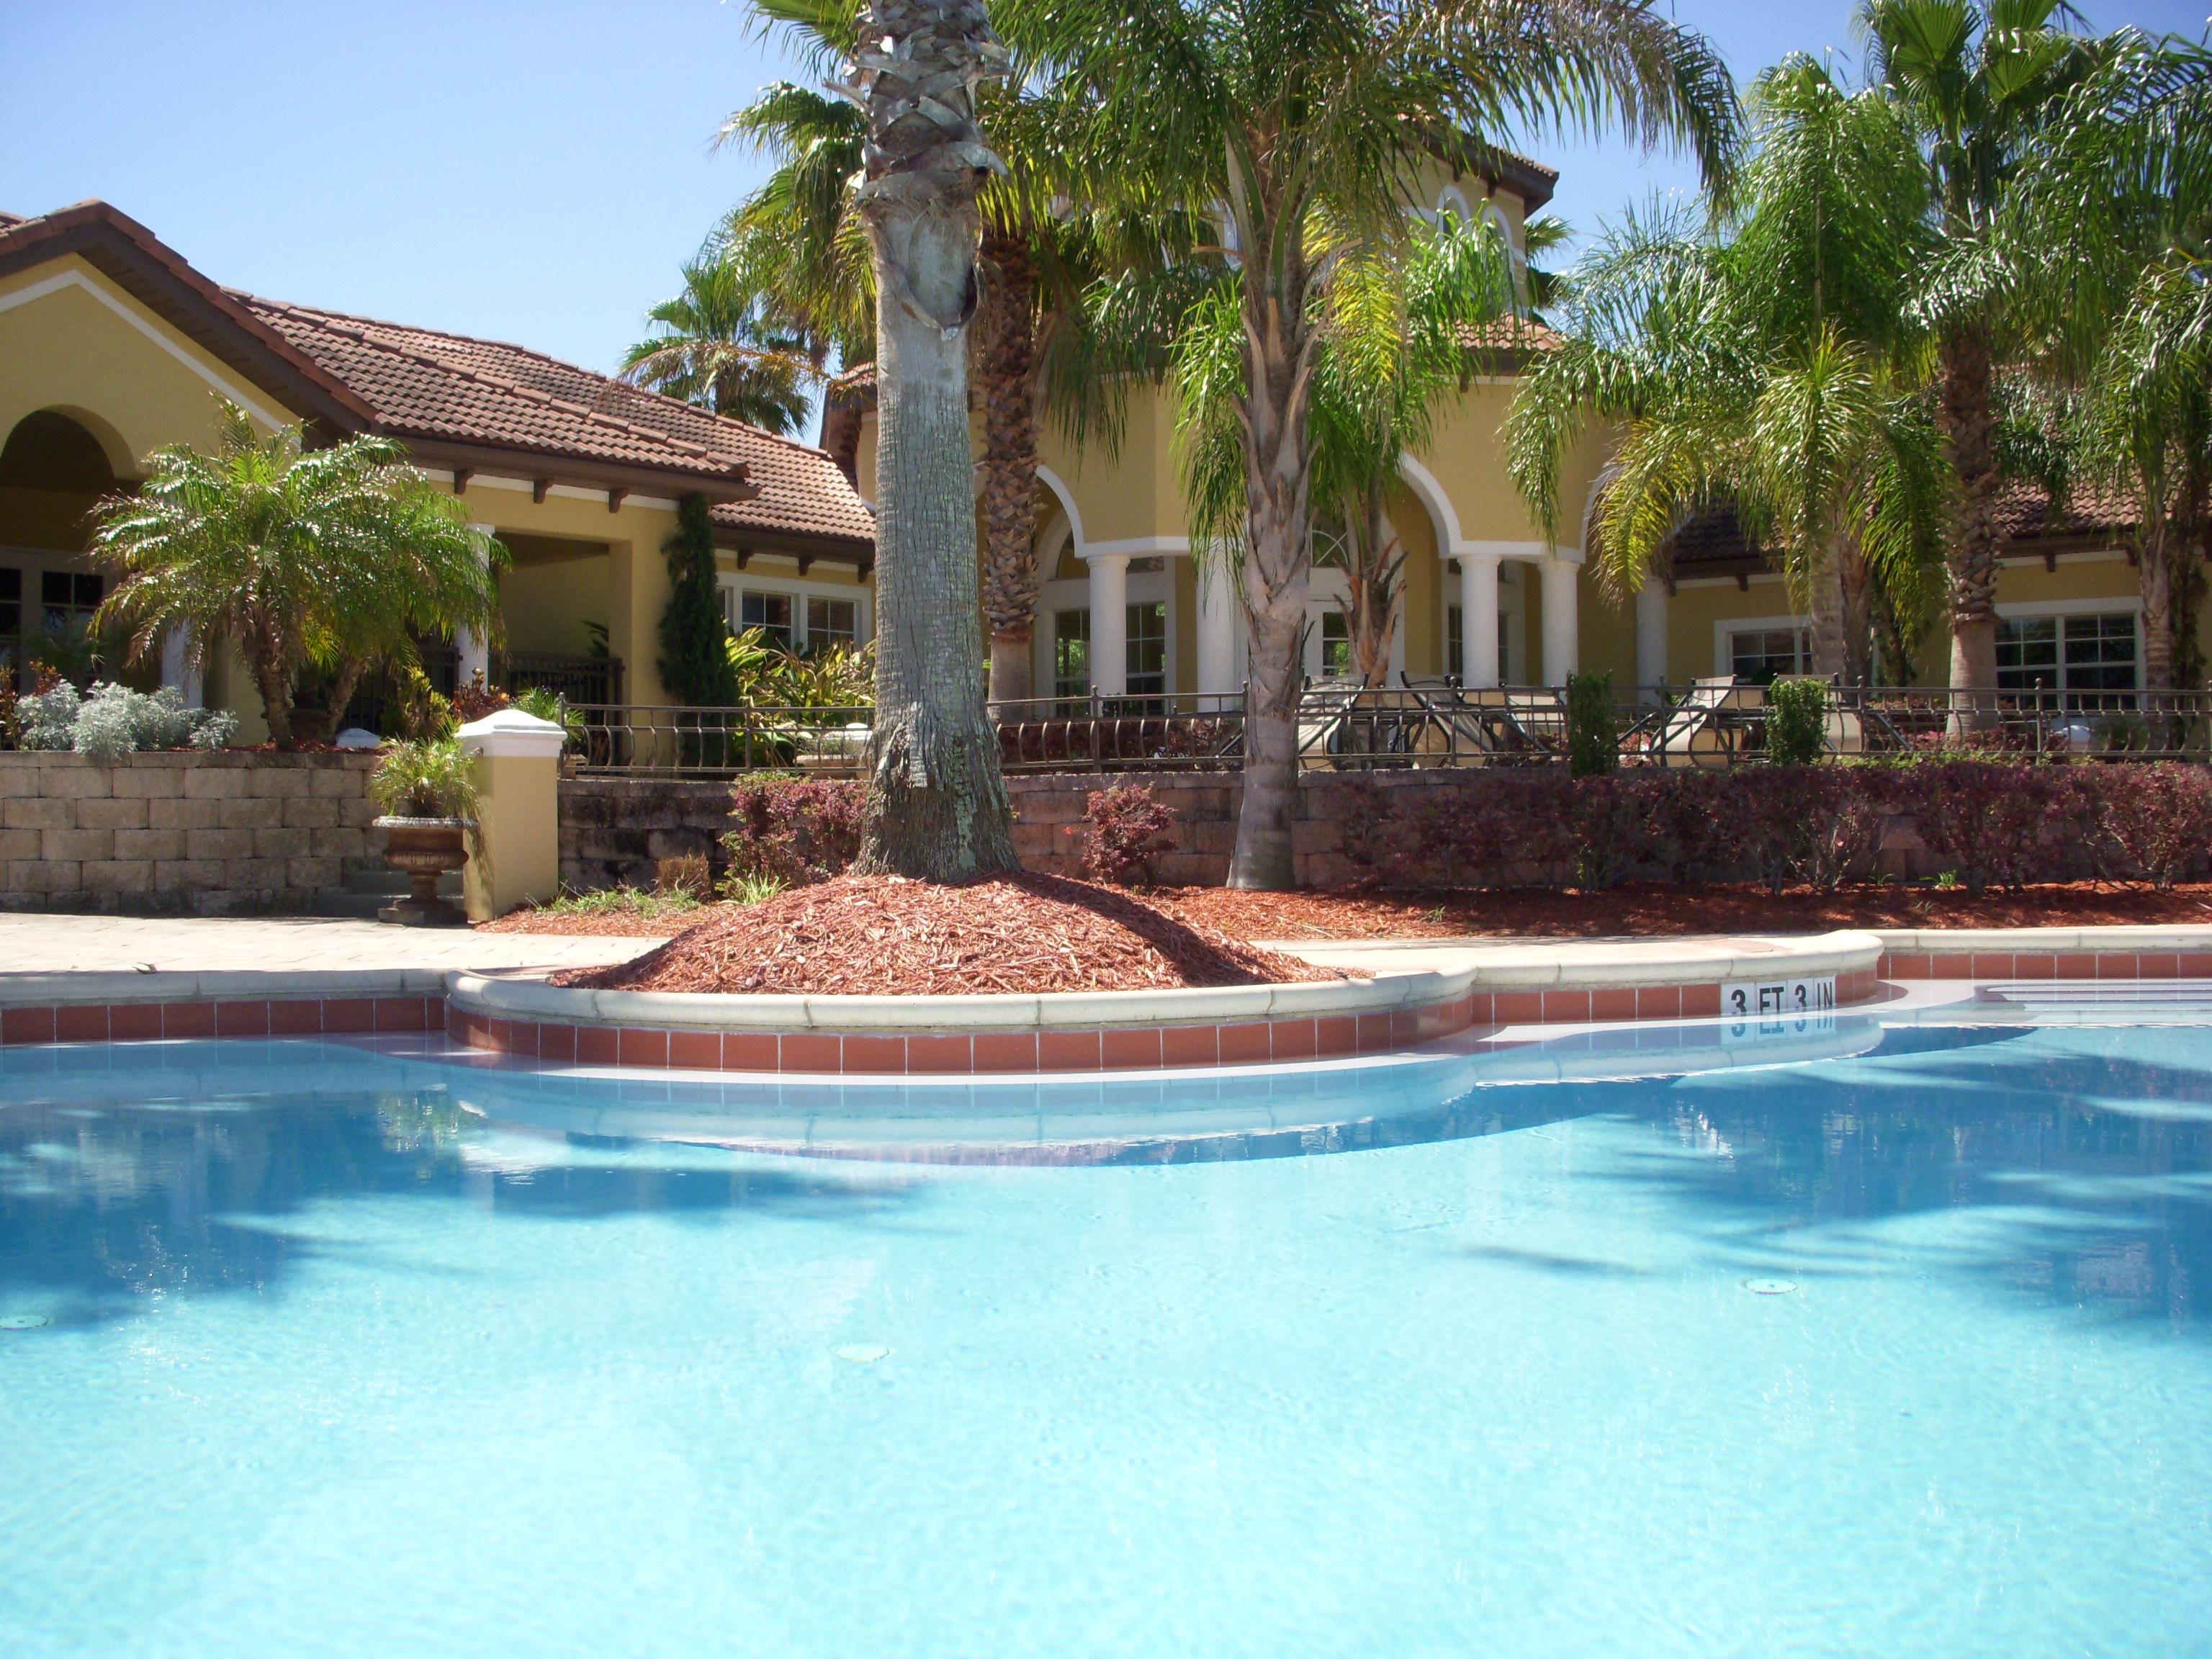 Condo for sale in las palmas st augustine florida - Showroom las palmas ...